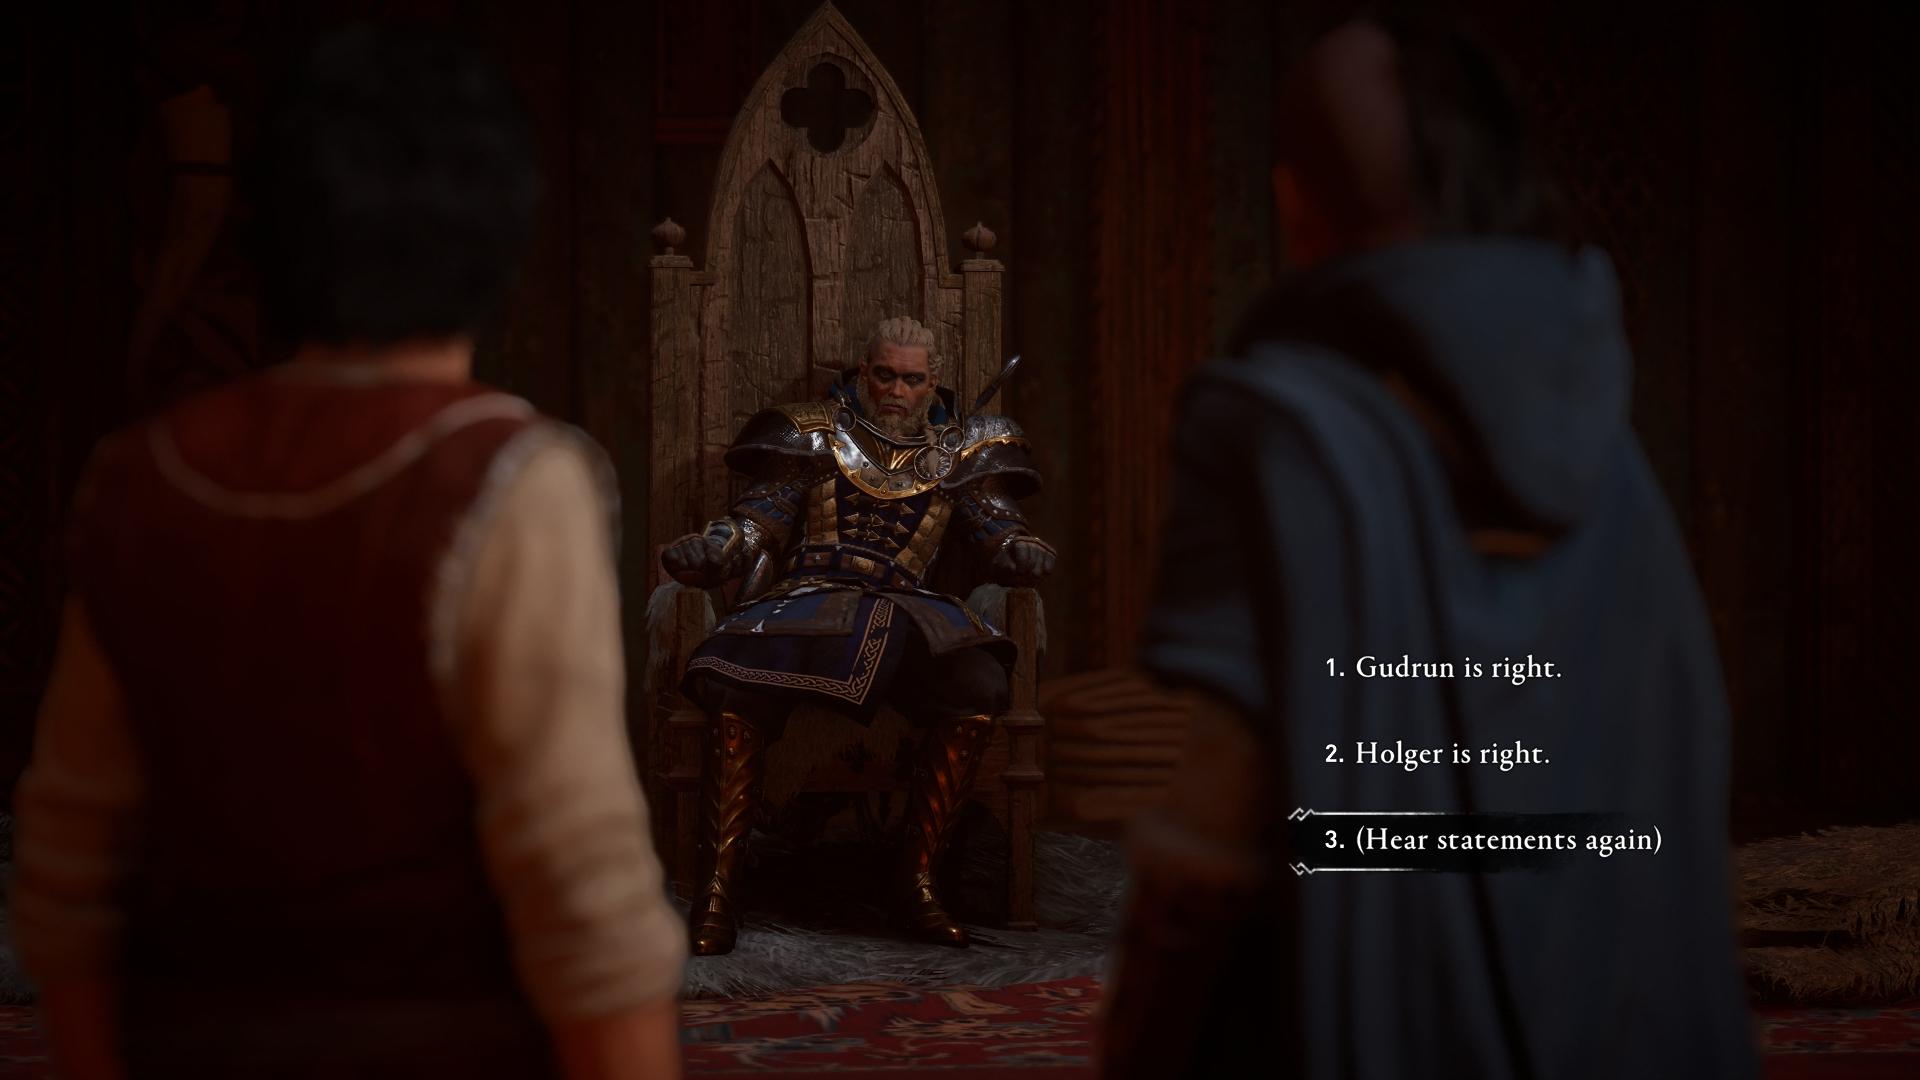 Assassins creed valhalla Eivor igazságot szolgáltat